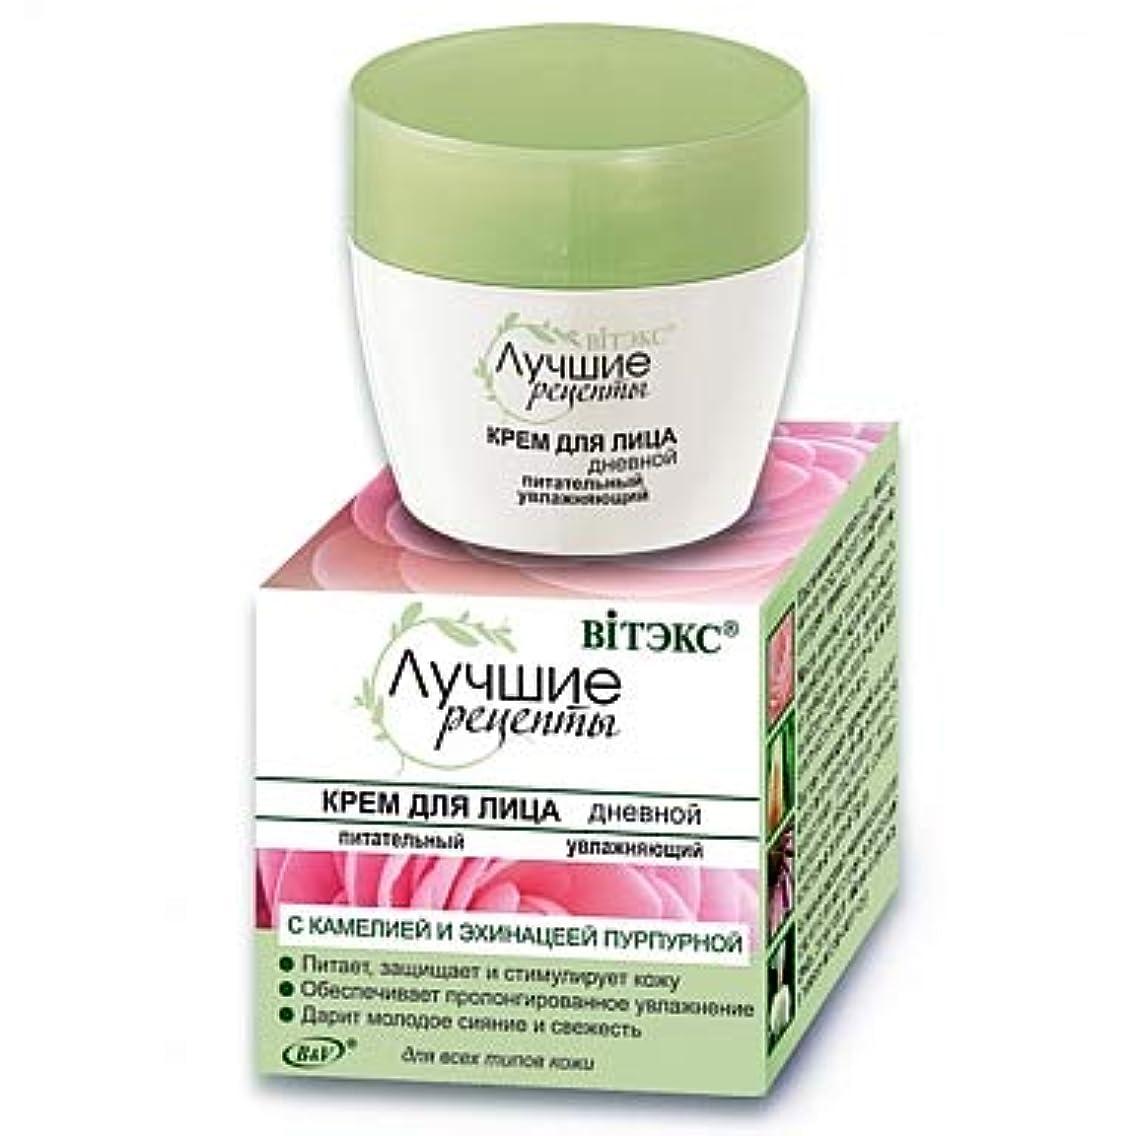 取り扱いスタジアム工場Bielita & Vitex Best Recipes Line | Nourishing Moisturizing Day Face Cream for All Skin Types, 45 ml | Camellia Extract, Avocado Oil, Purple Coneflower Extract, Vitamins